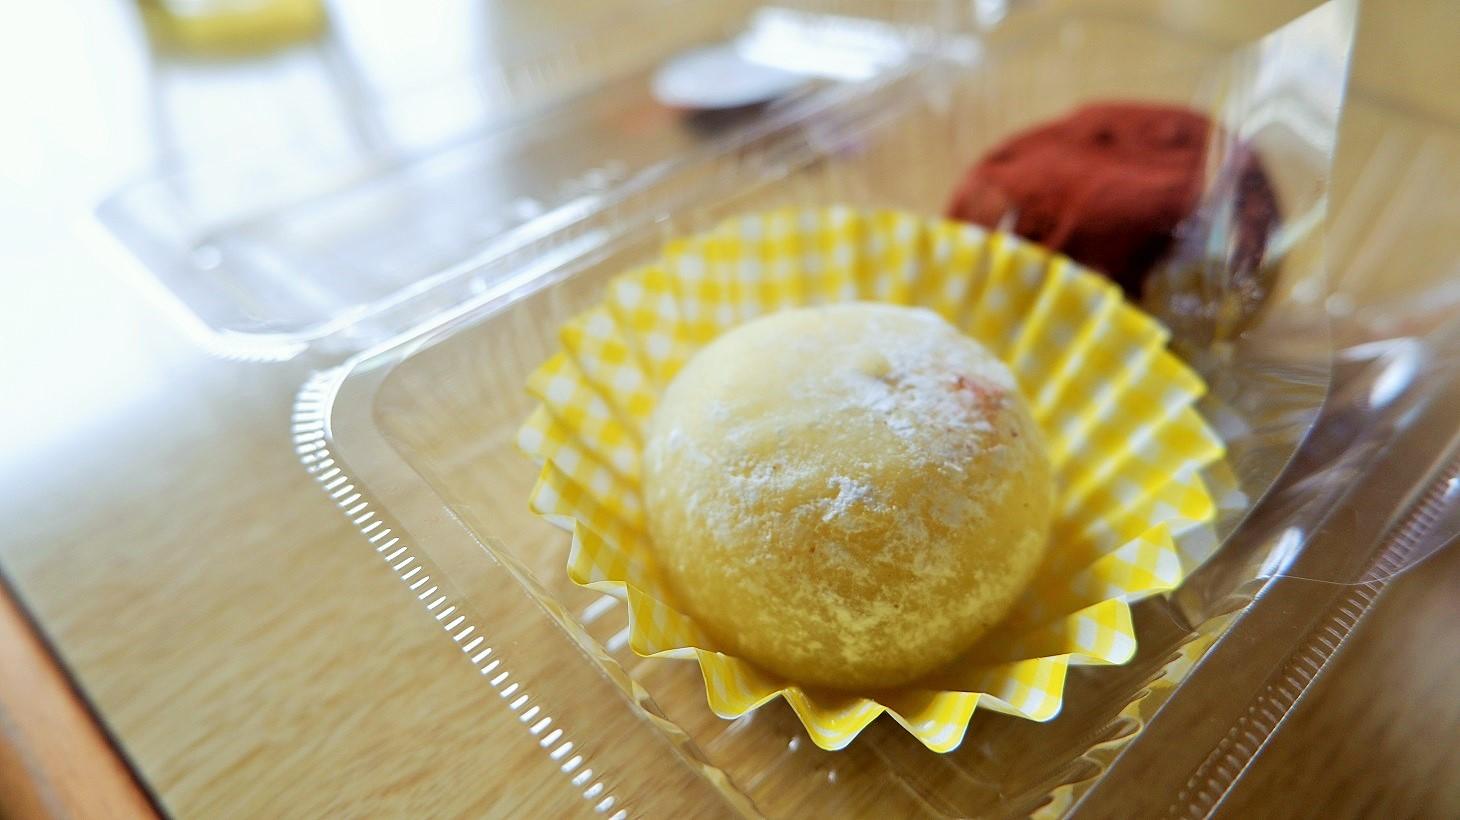 つづみ団子 チーズケーキ大福